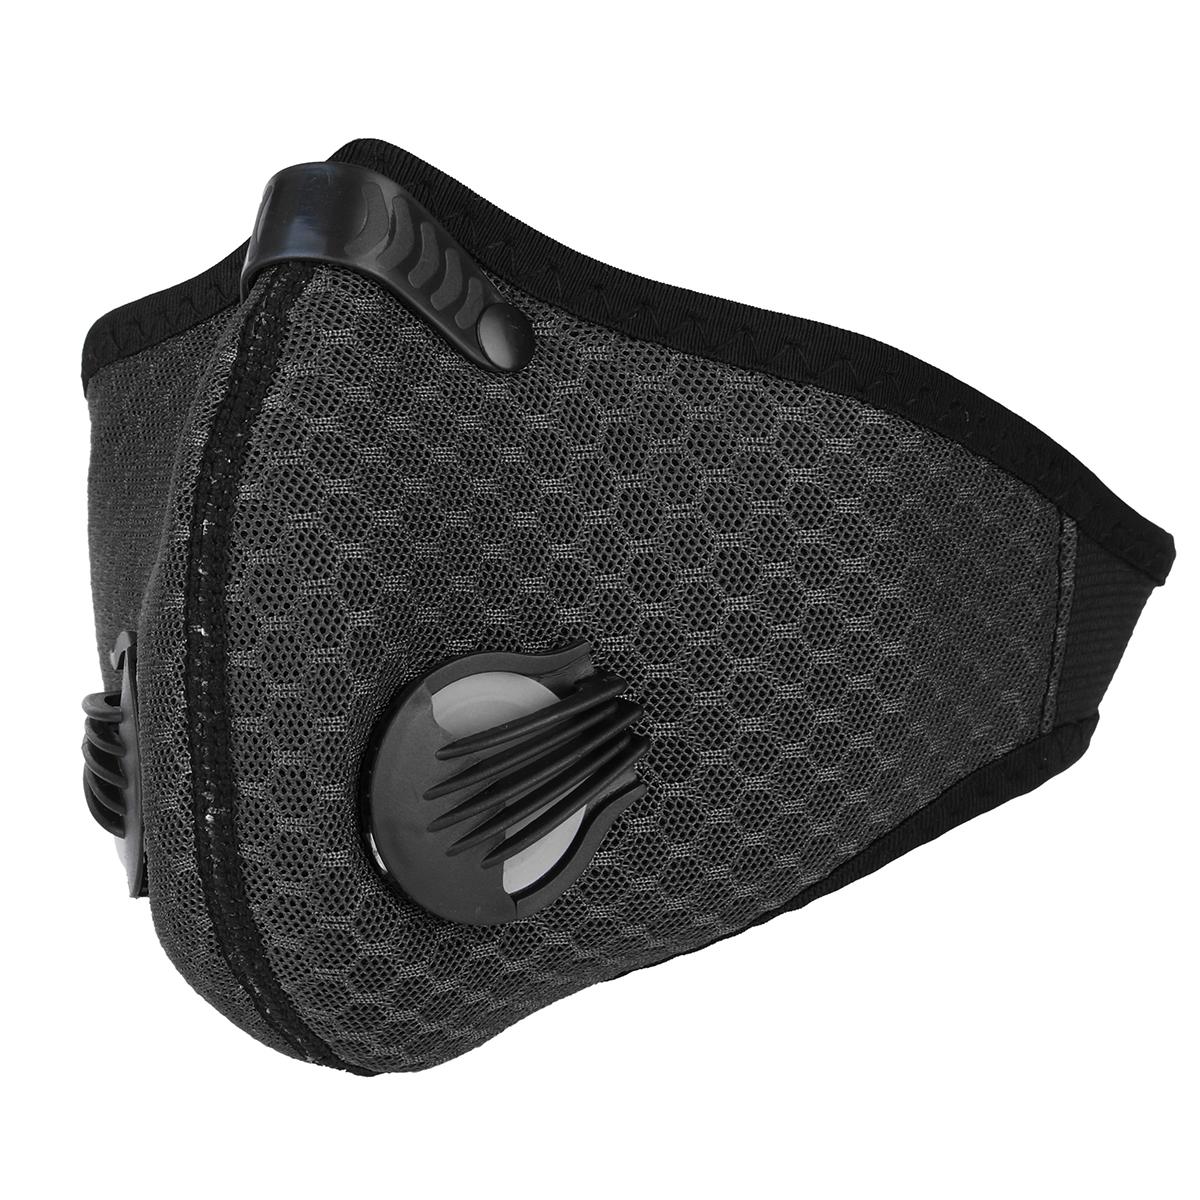 BIKIGHT Anti-haze Mask Mouth-Muffle Dust Mask Bicycle Sports Protect